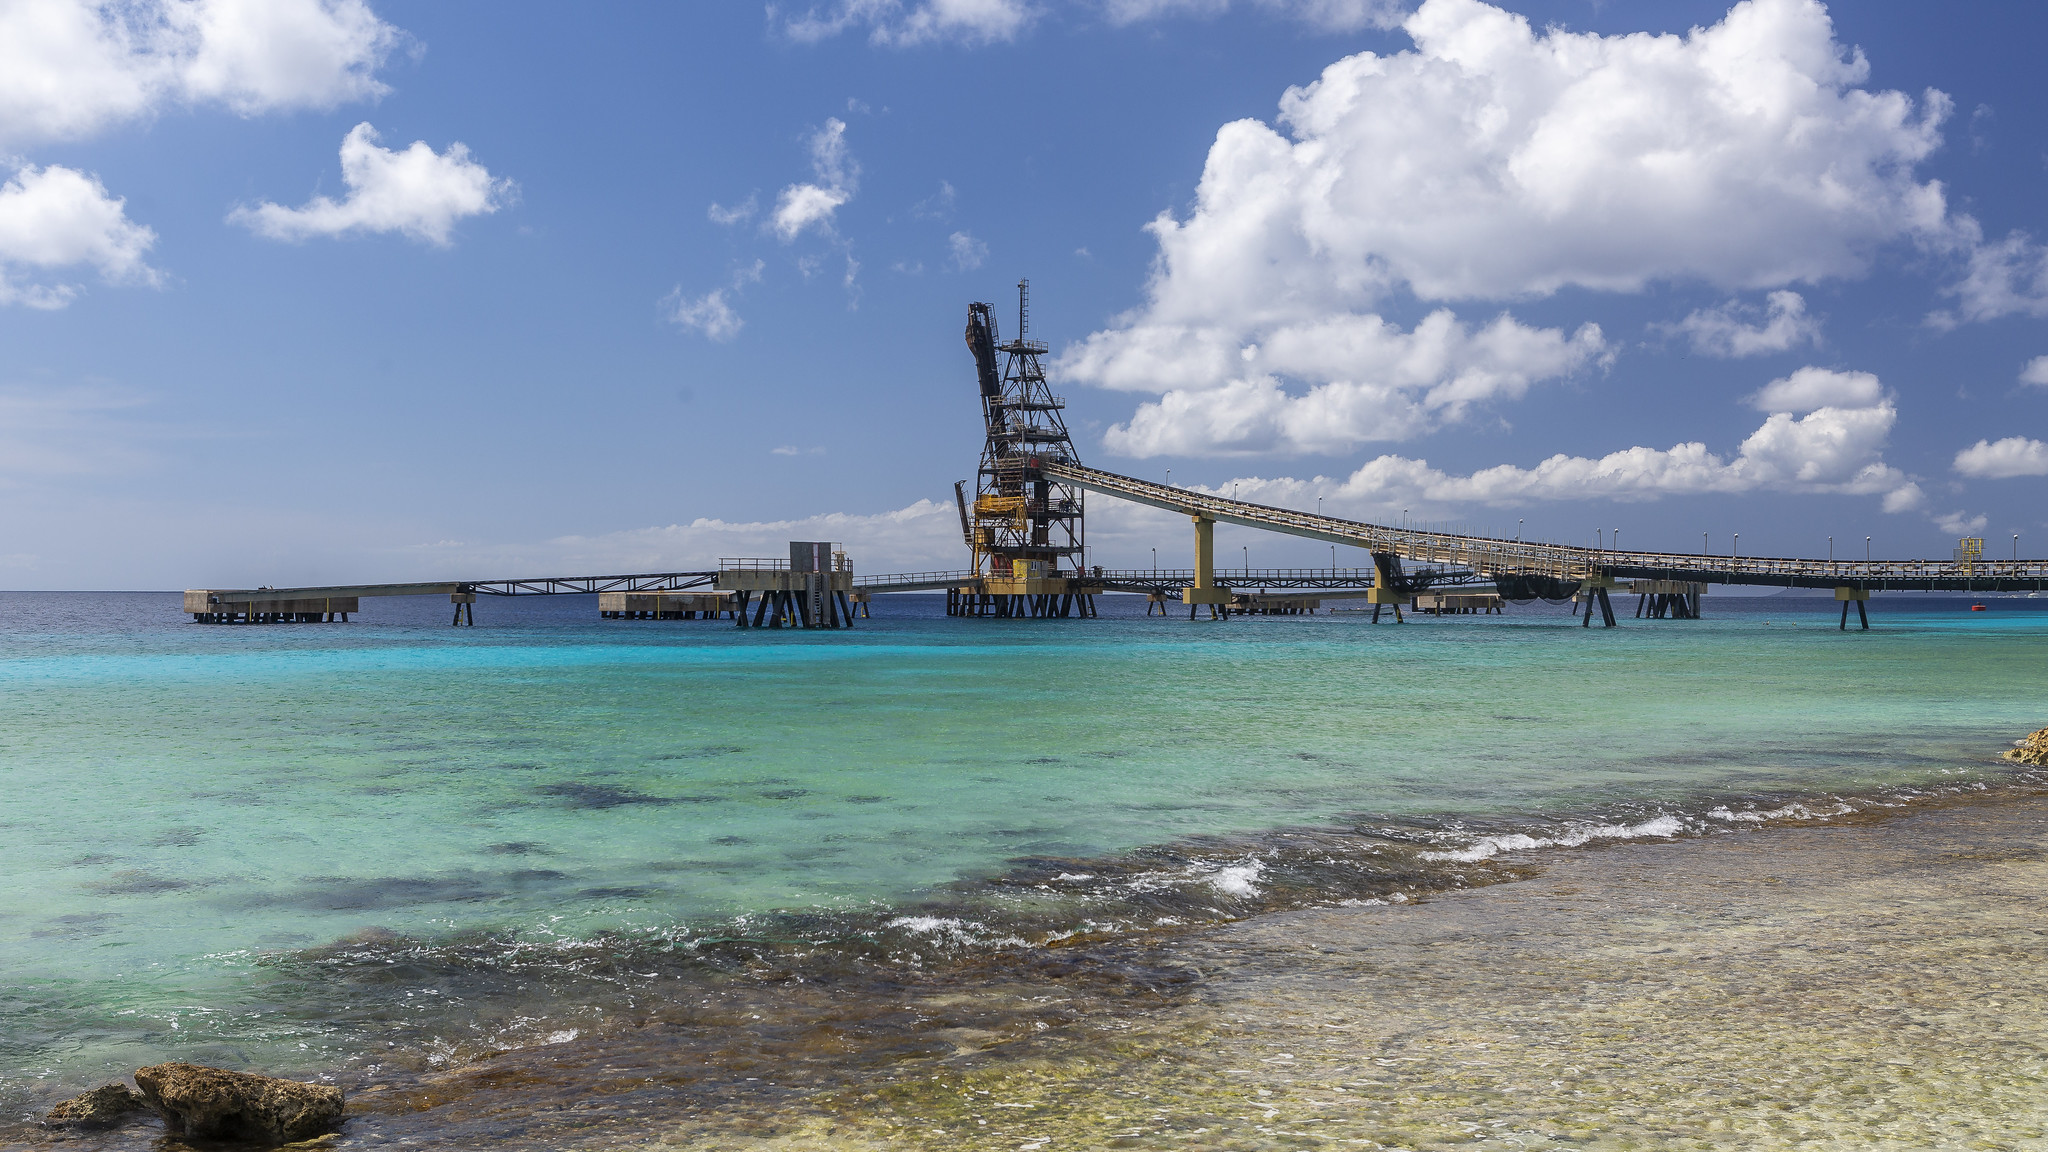 Salt Pier and Piles, Bonaire